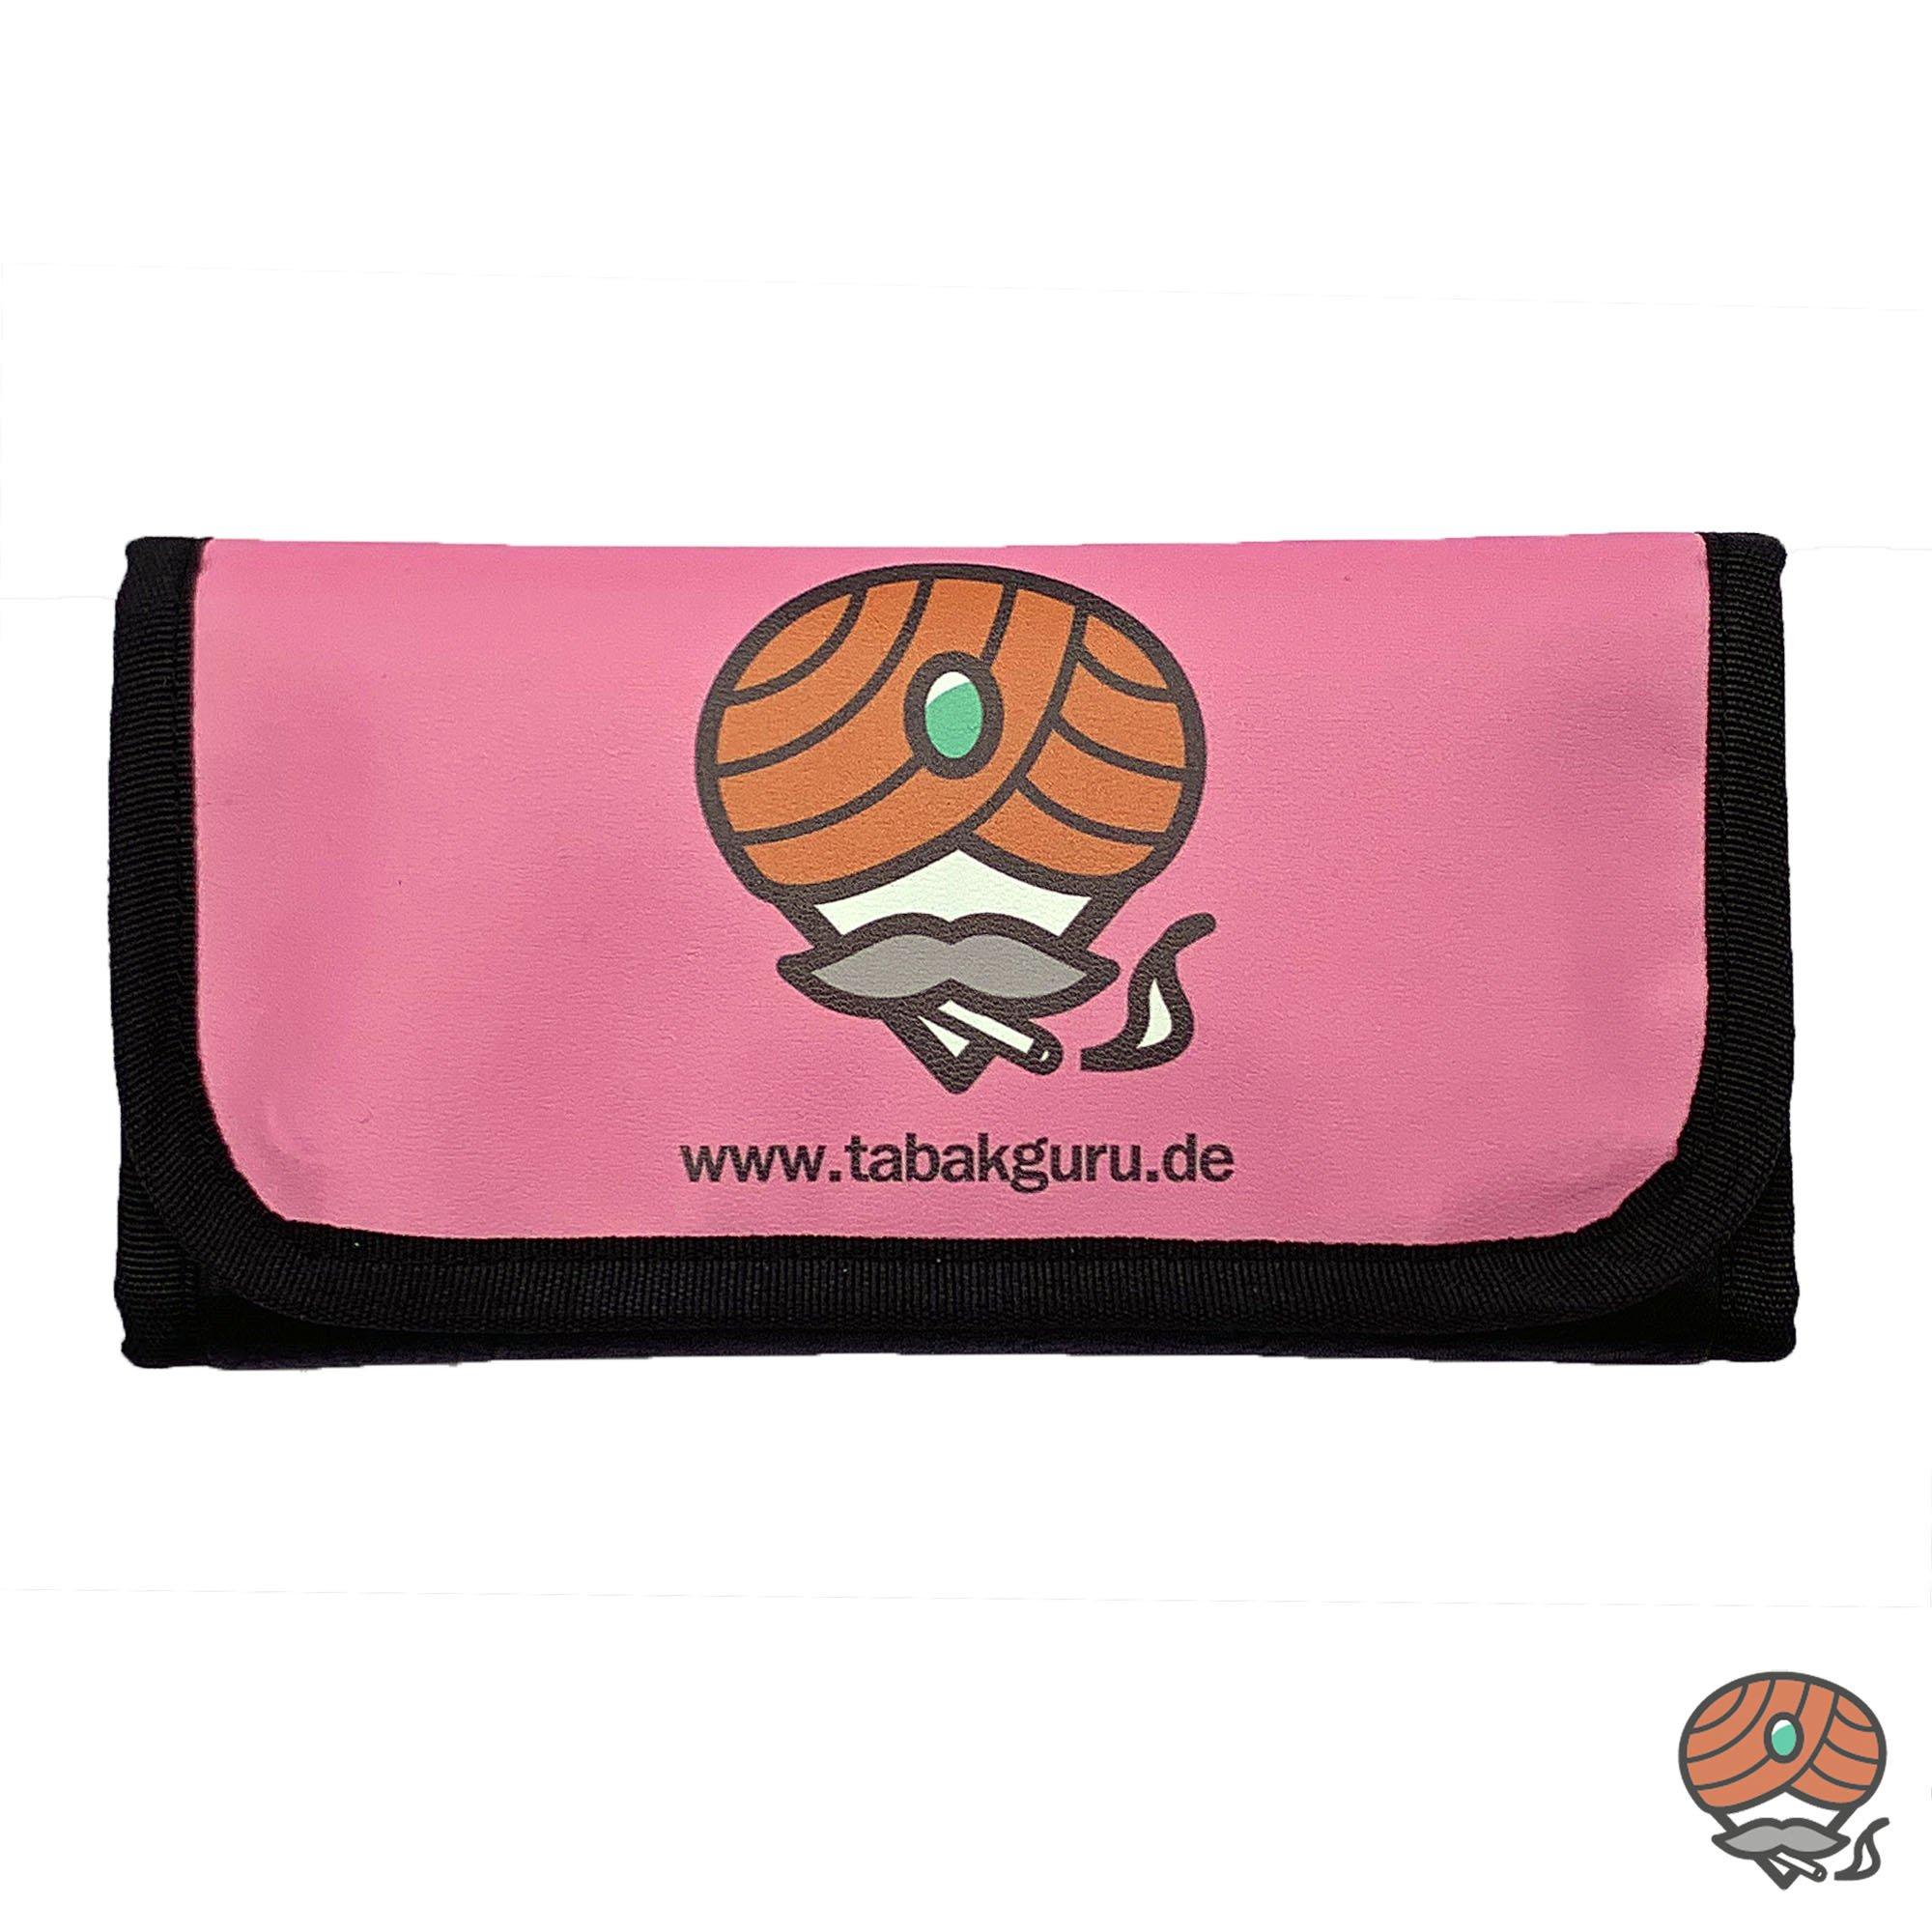 Tabakguru Tabak Beutel / Tasche für Drehtabak und Zubehör Pink / Schwarz